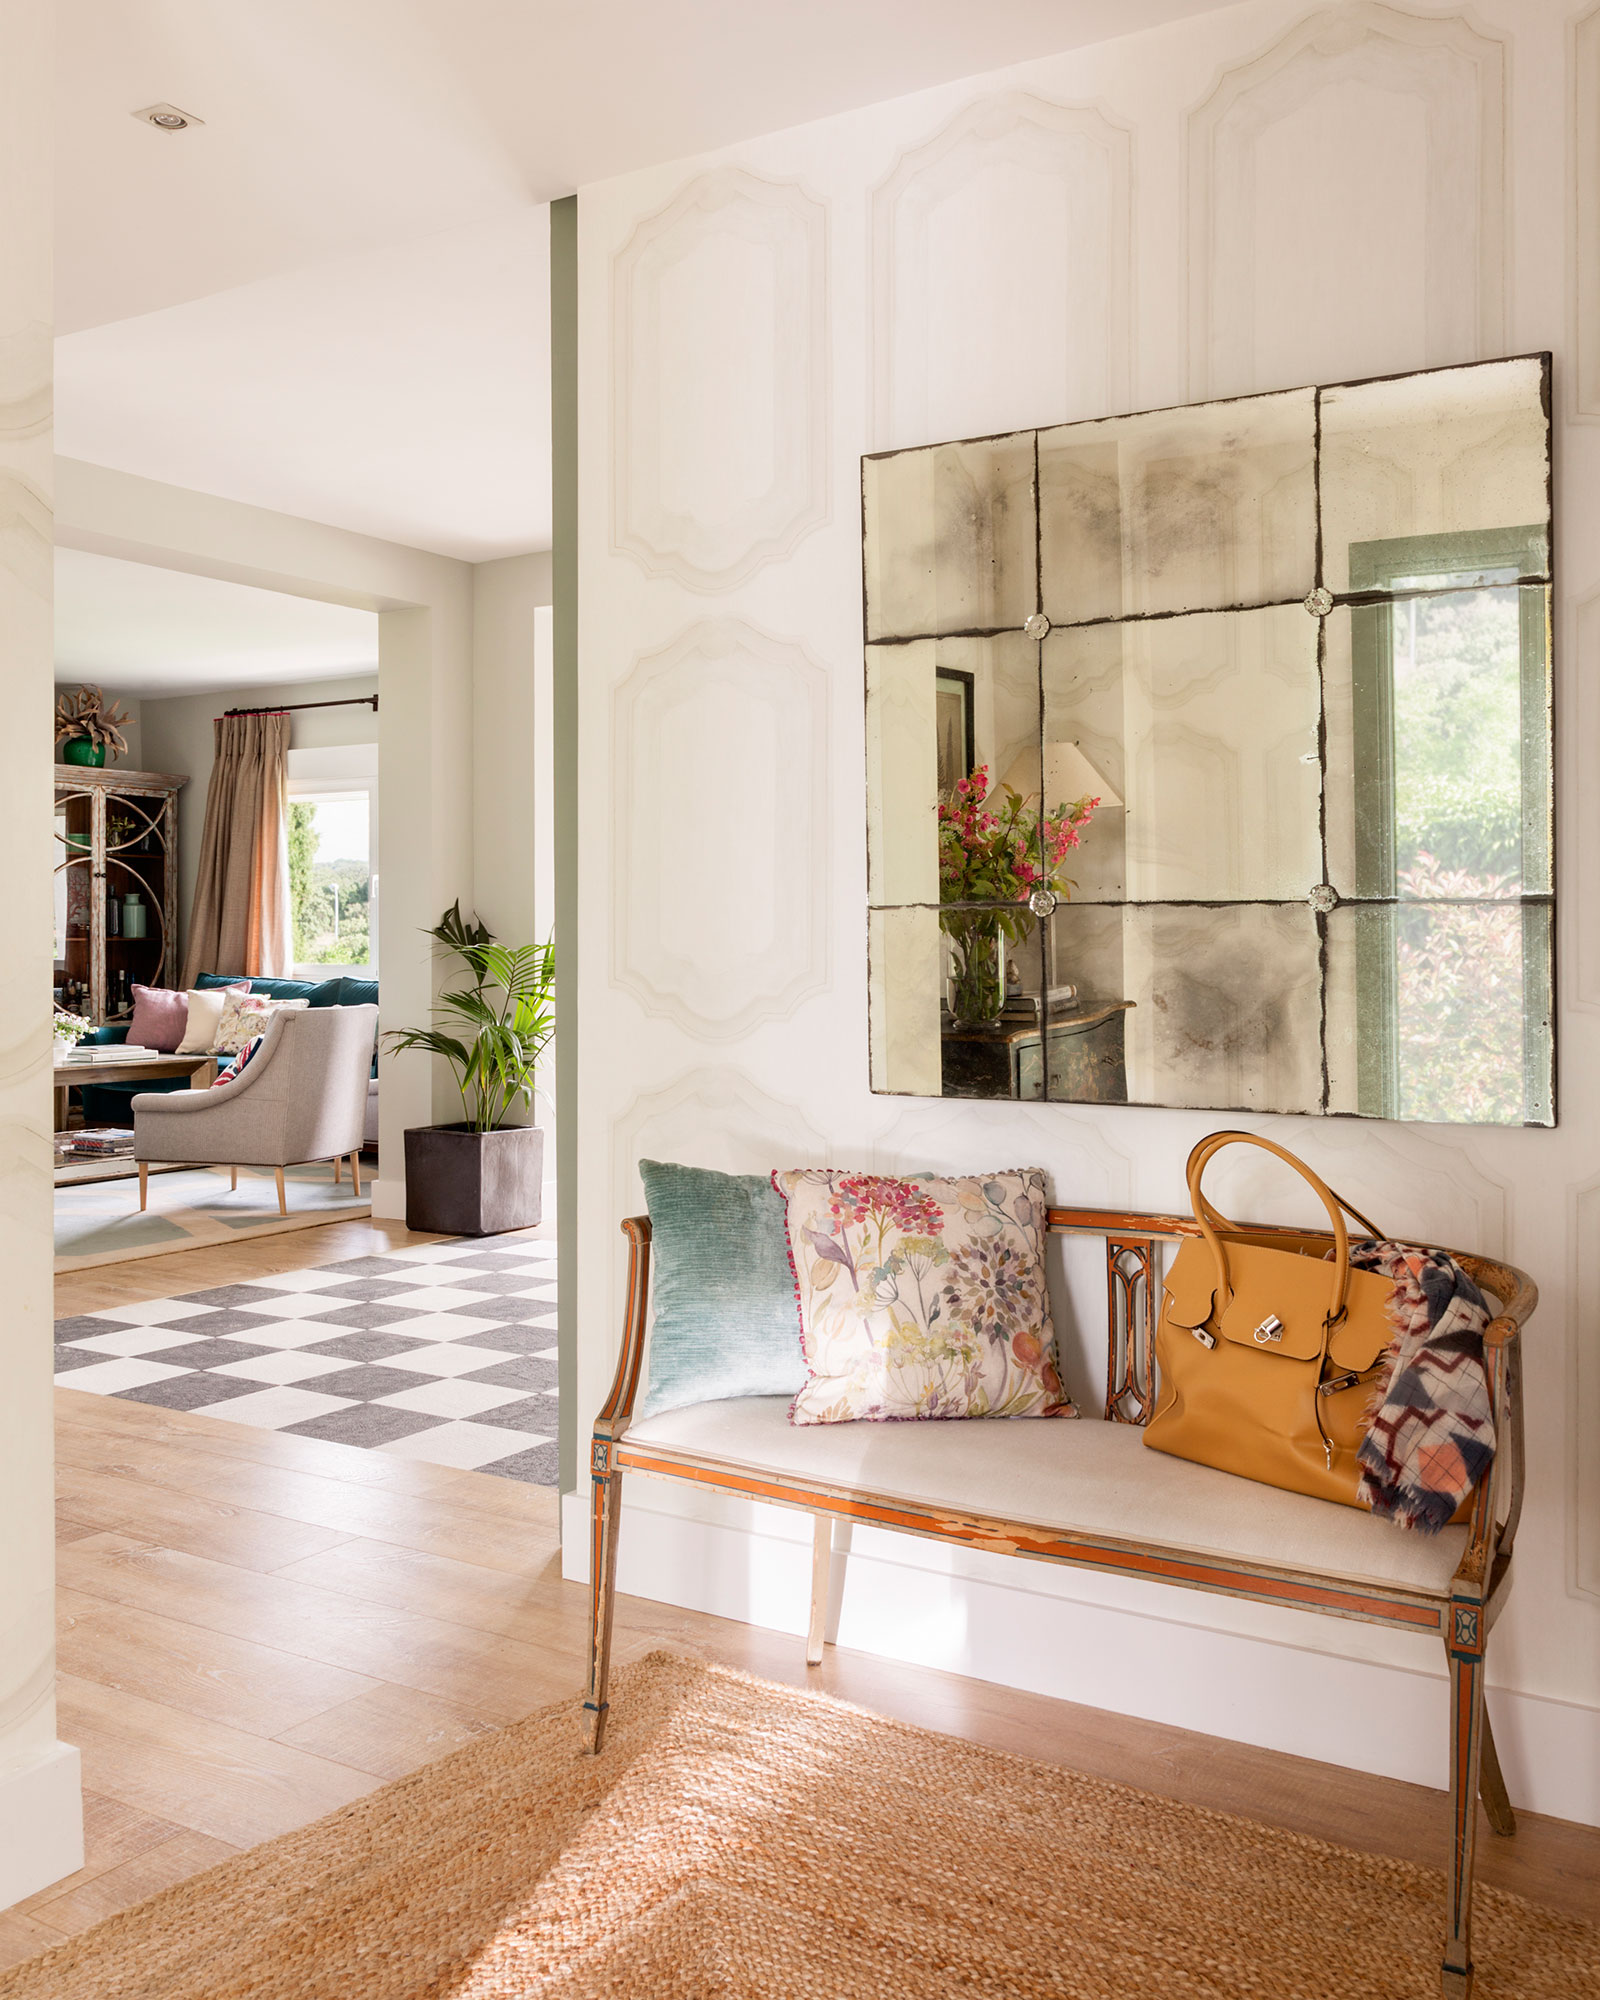 Decora las paredes de tu casa 15 ideas f ciles y de moda for Decorar paredes con cuadros y espejos